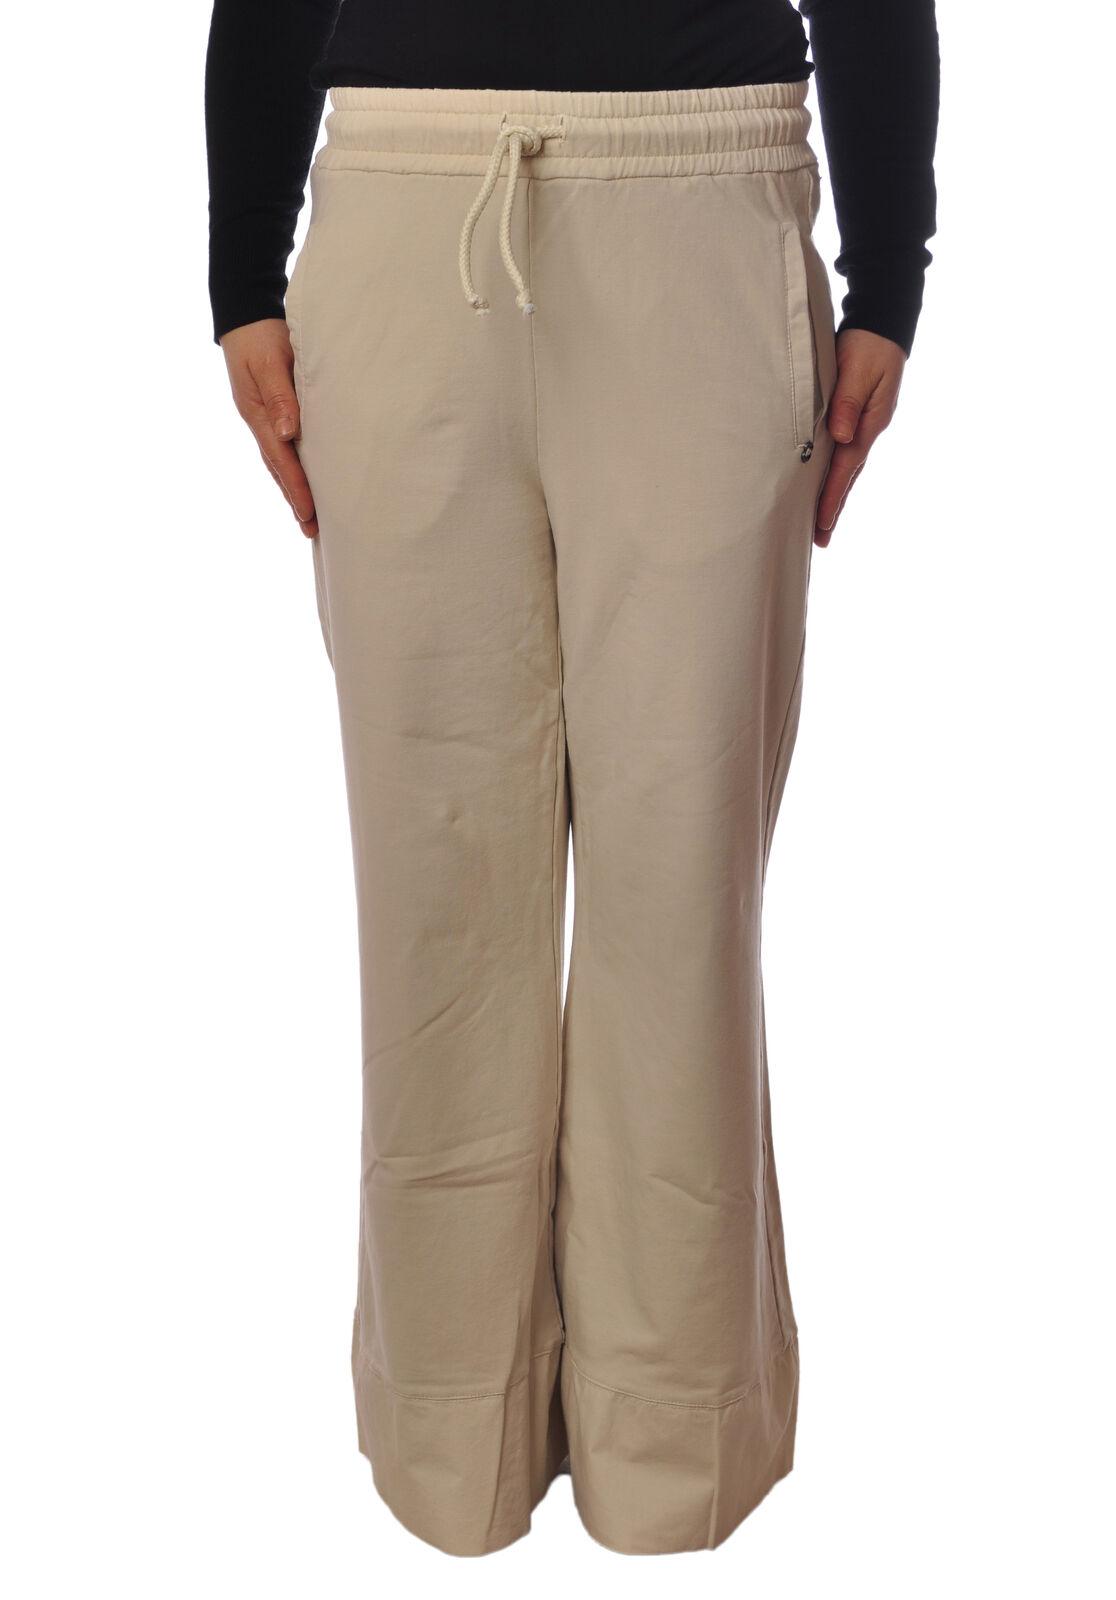 Ottod'ame - Pants-Pants - Woman - Beige - 4971026E184503